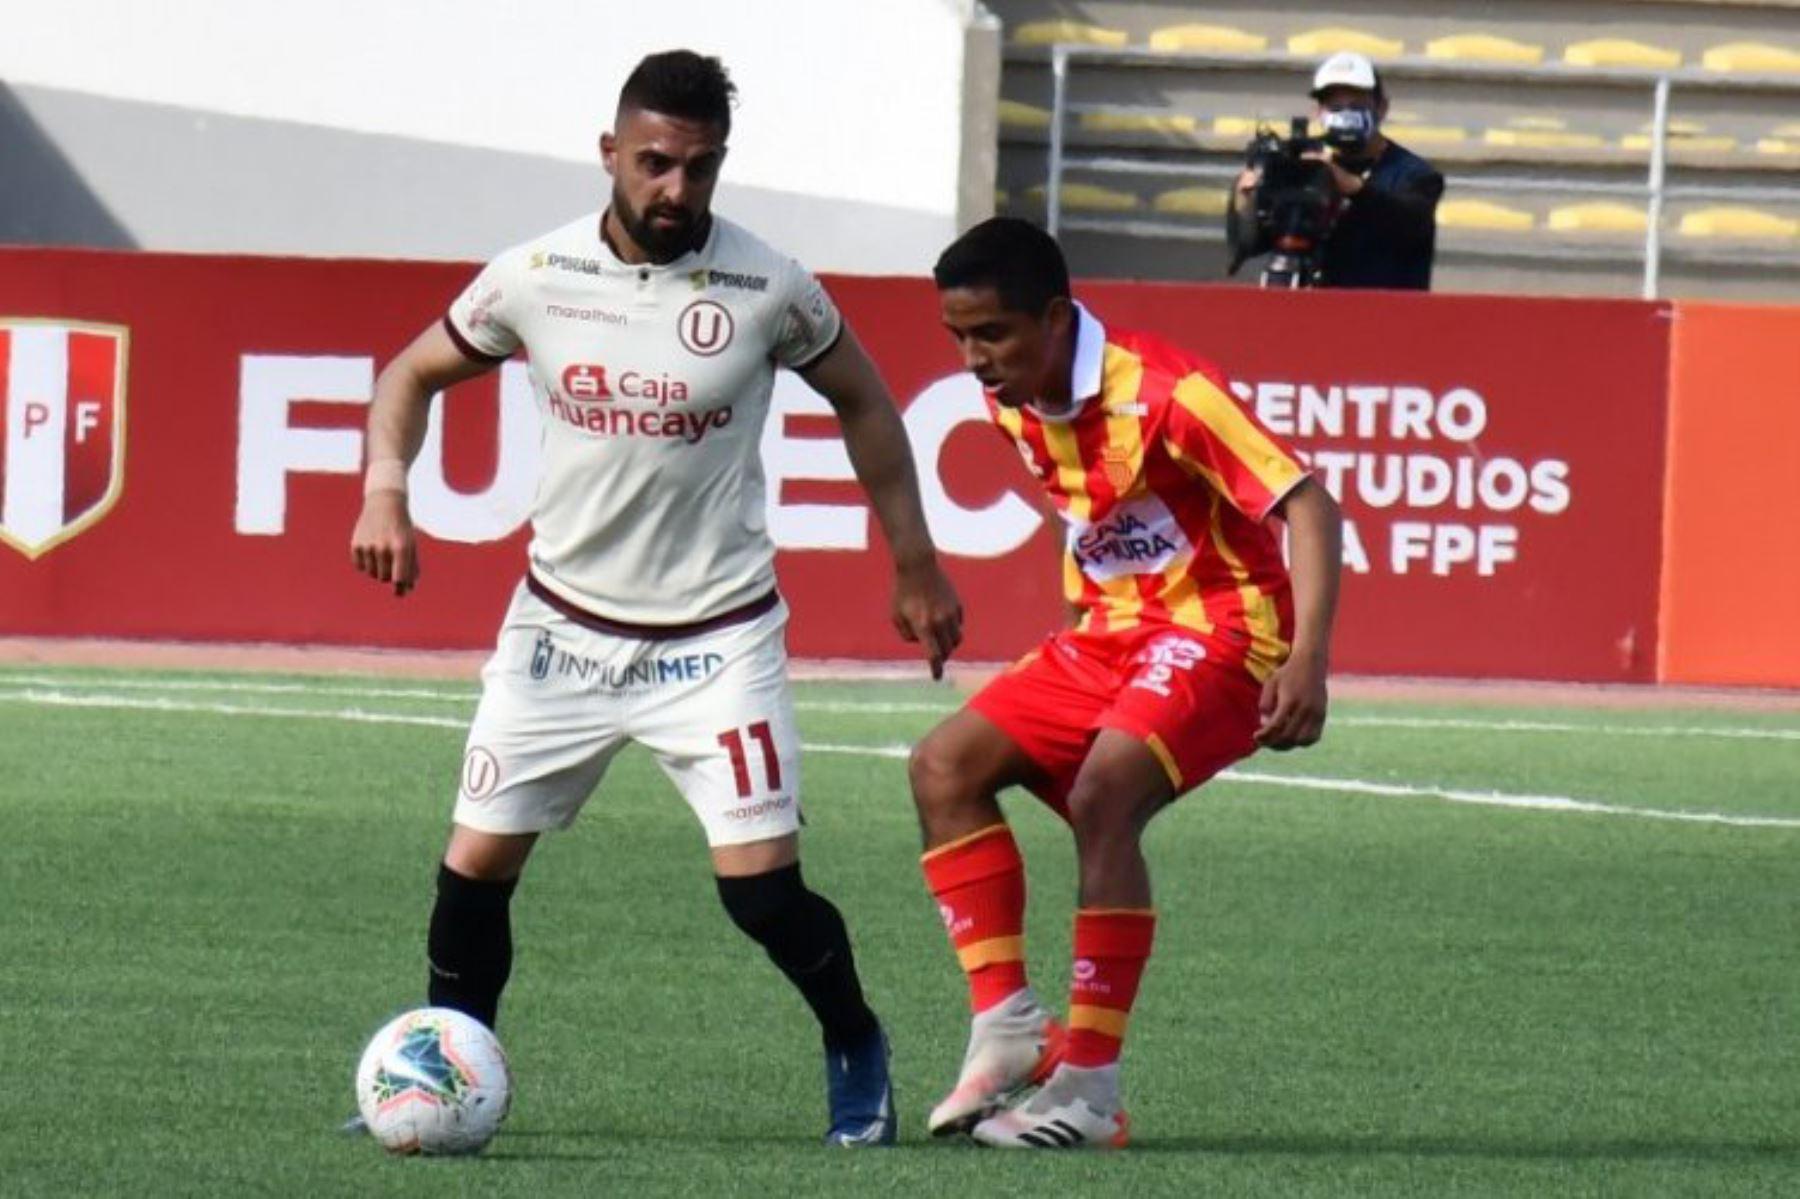 Universitario de Deporte empata 0 a 0 con Atlético Grau,  en partido de la fecha 1 Fase 2 de la Liga Movistar, en el estadio UNMSM. Foto: ANDINA/ Liga 1